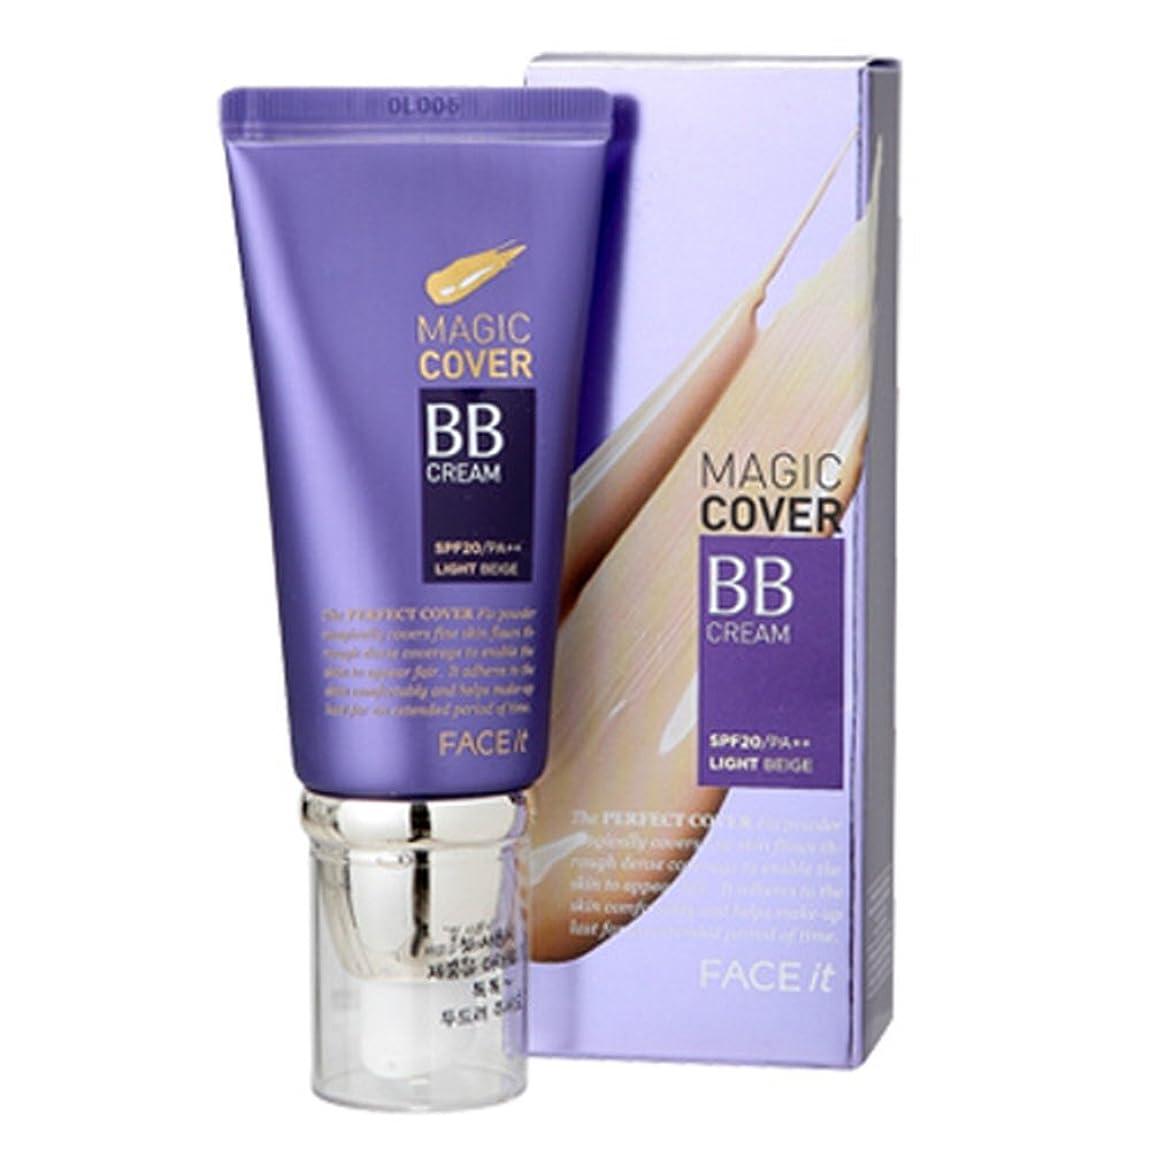 突然の美的魔術ザフェイスショップ The Face Shop Face It Magic Cover BB Cream 45ml (02 Natural Beige)